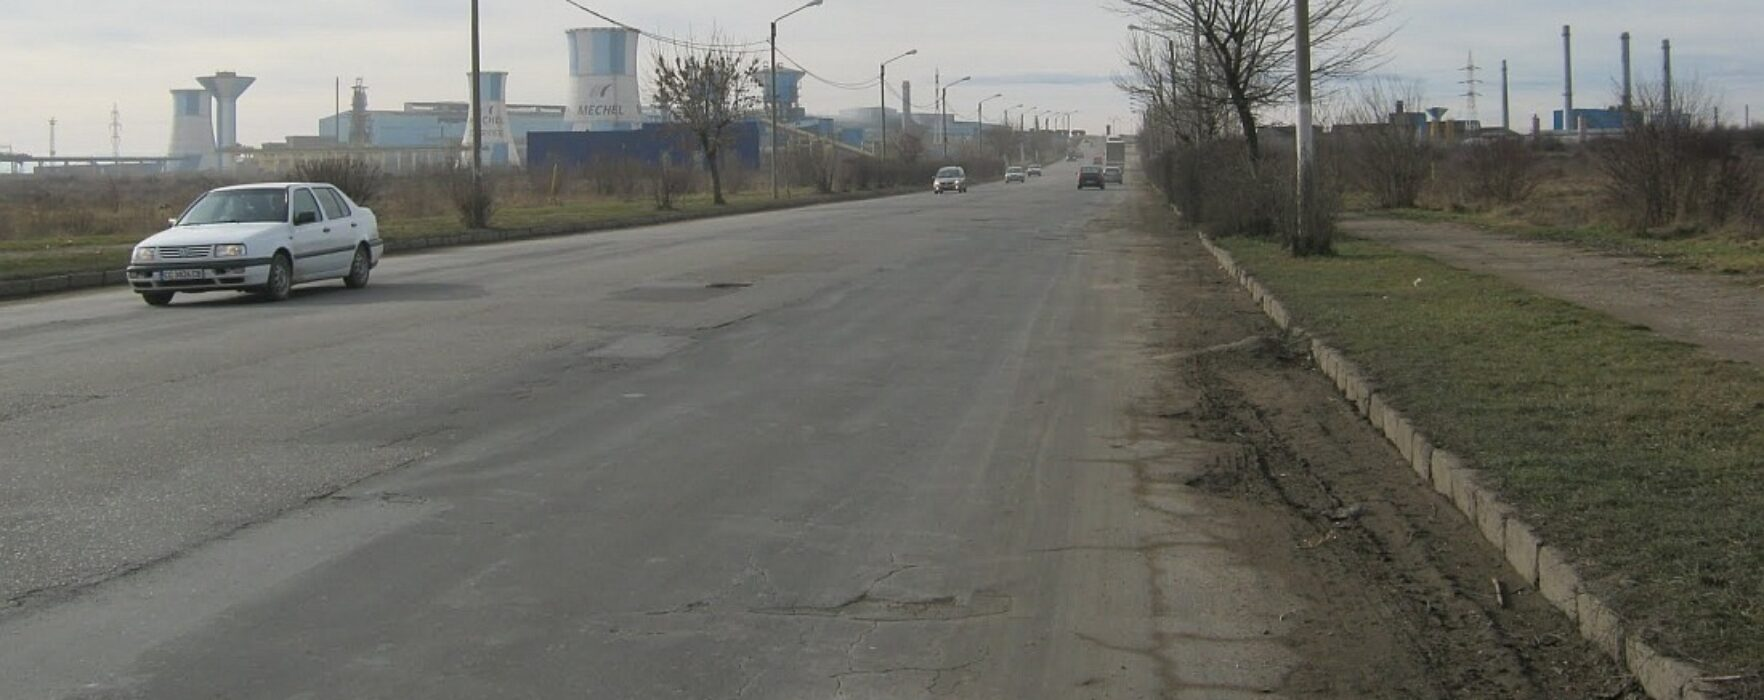 Încep lucrările la centura ocolitoare a Târgoviştei